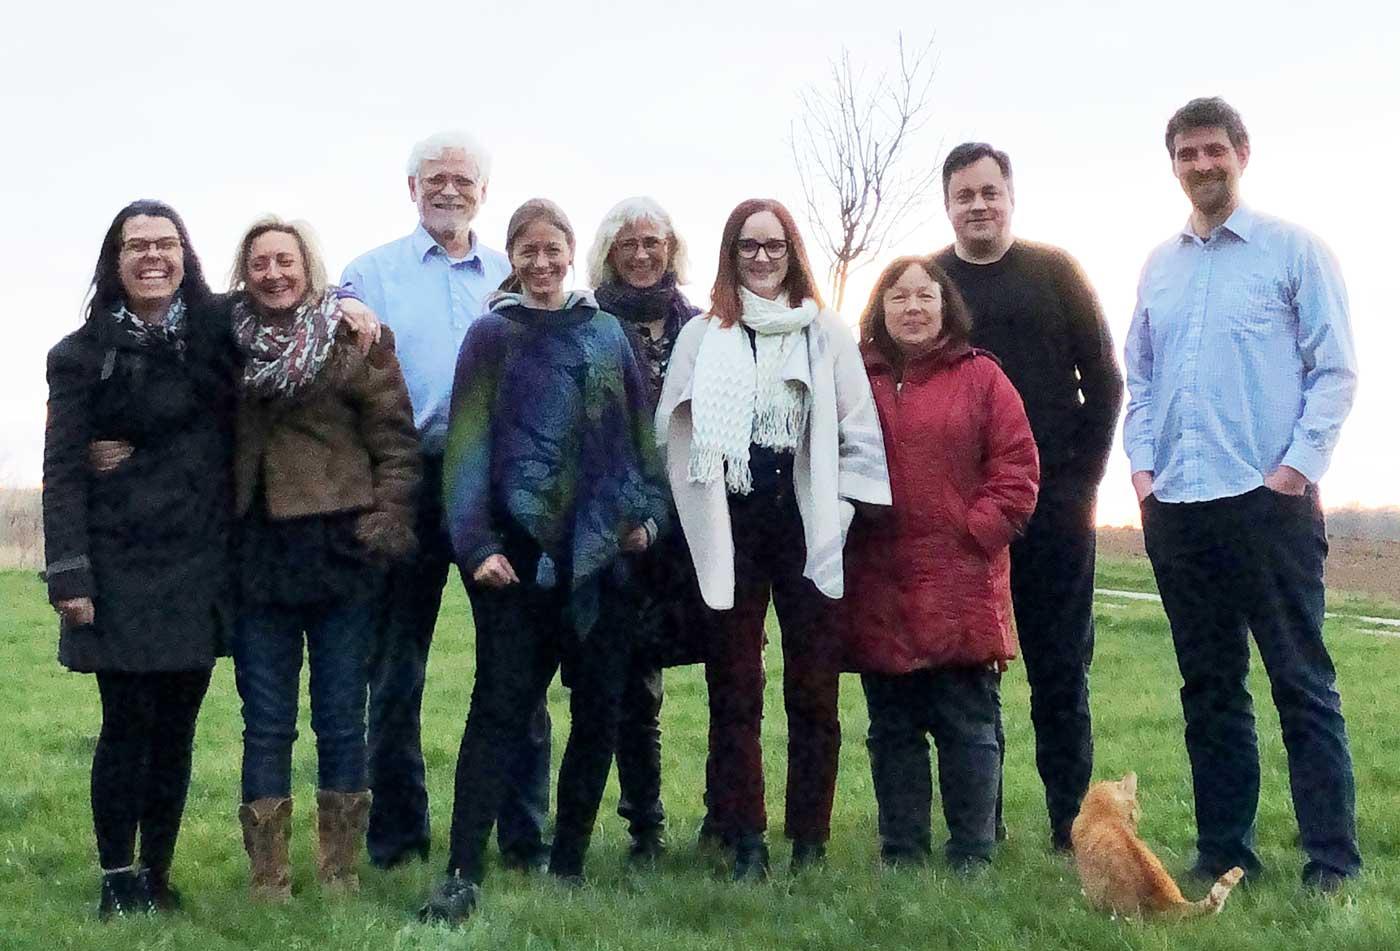 Deltagere på LIVKOMs generalforsamling i april 2019 hos Rosenlund Kurser på Fyn